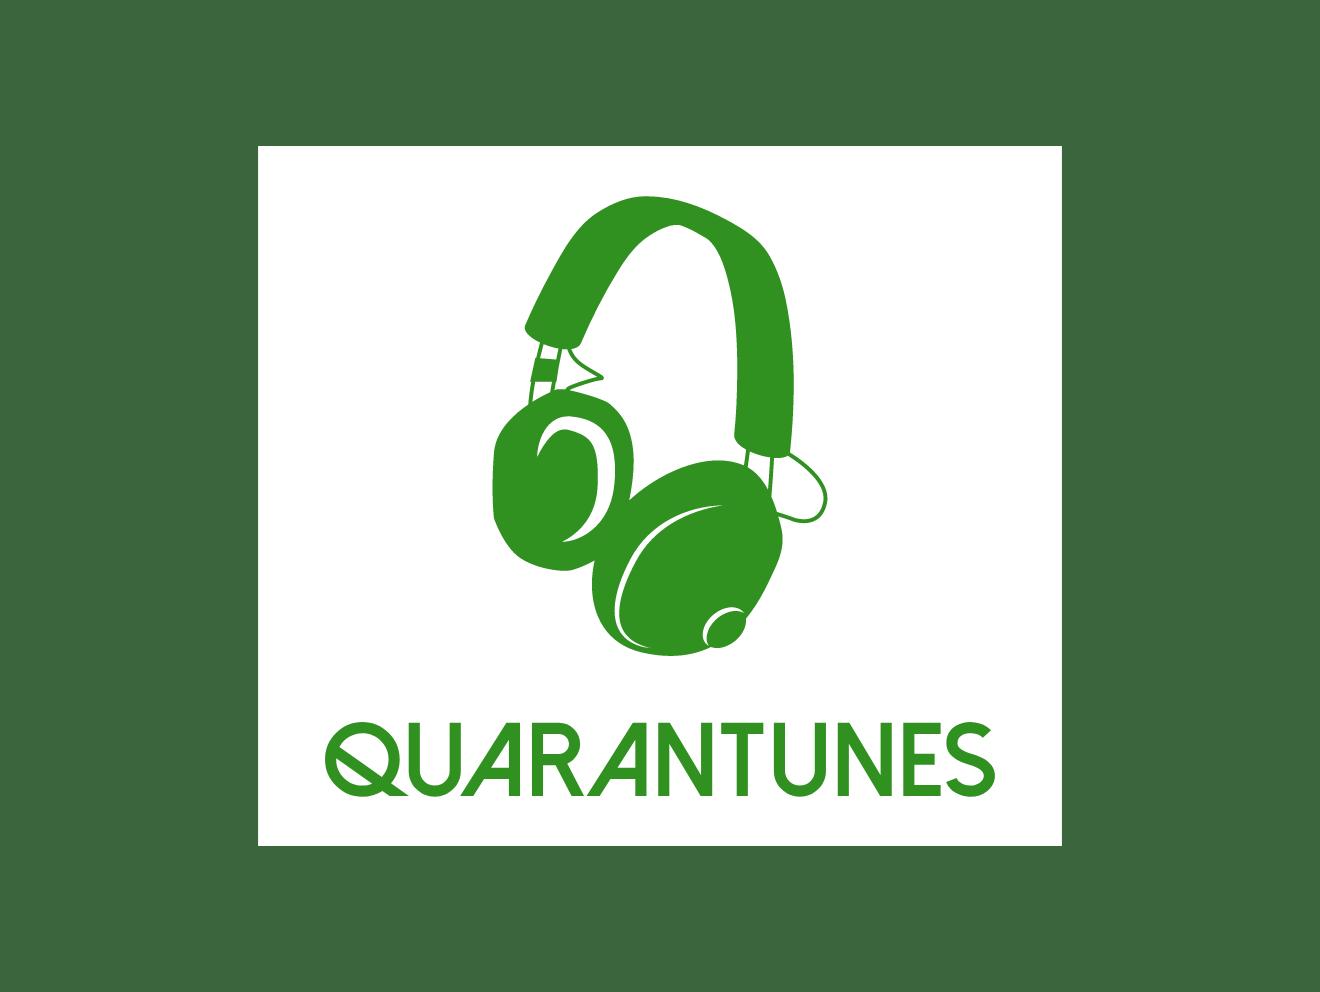 Quarantunes